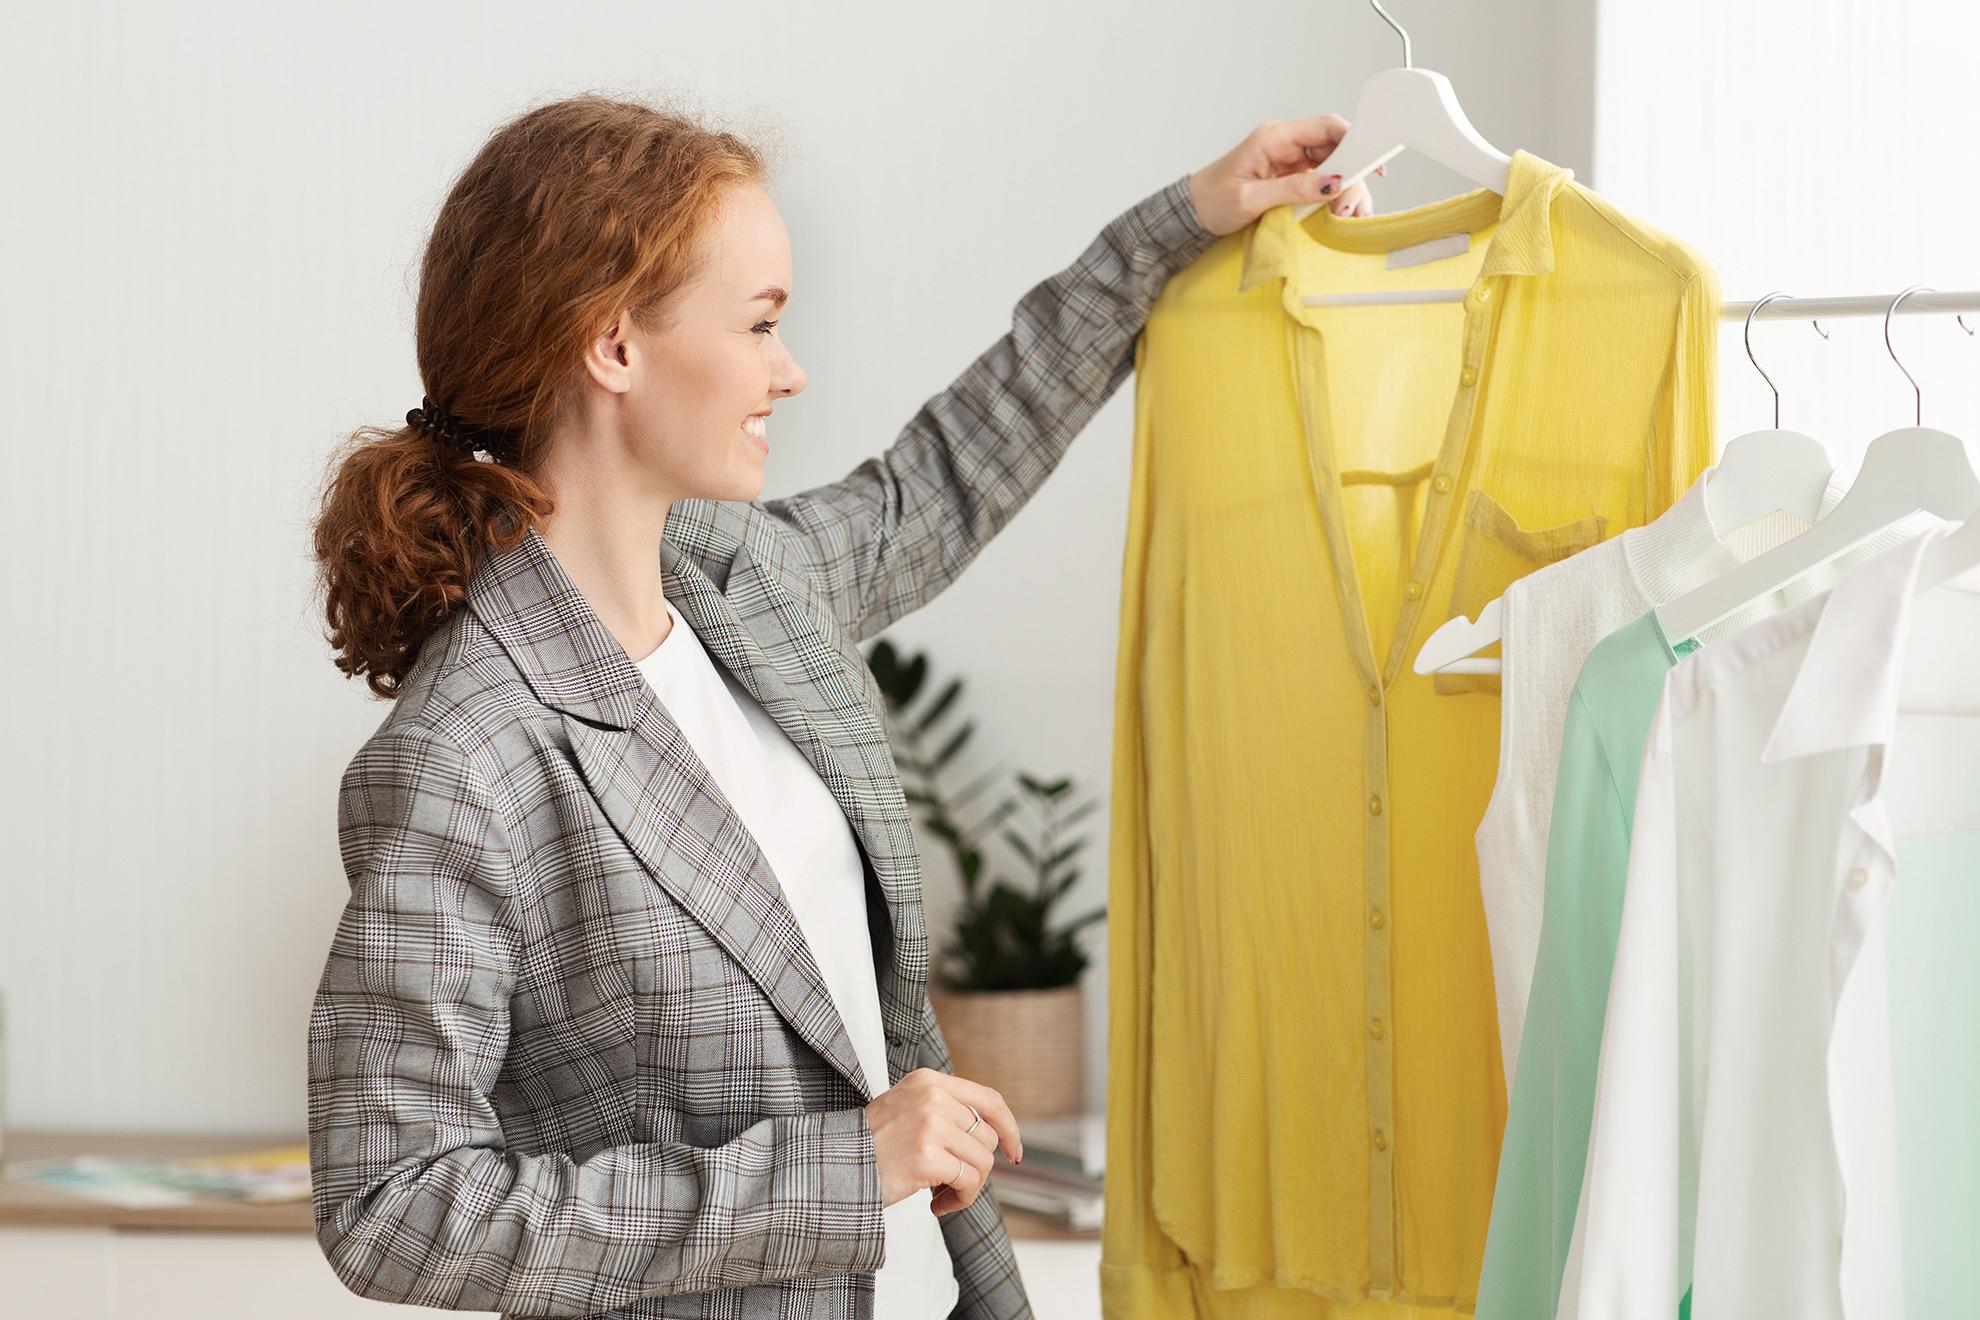 Kobieta wybierająca sukienki, ilustracja do artykułu